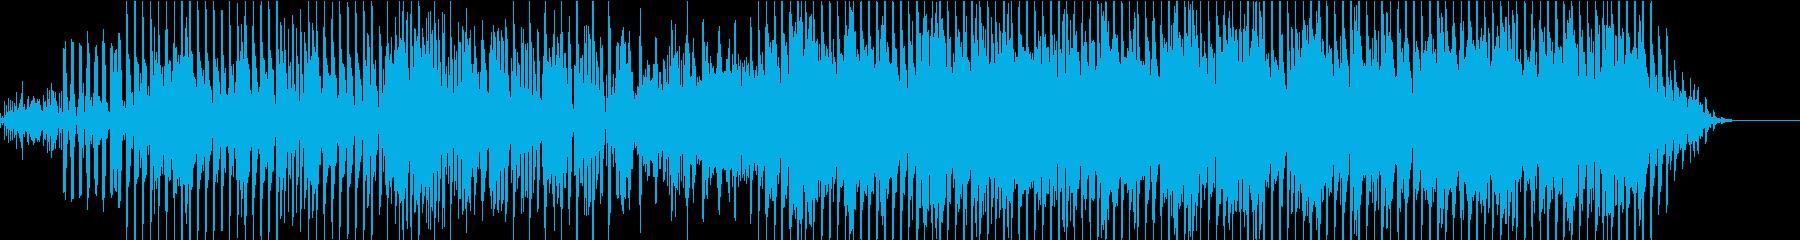 少しダークで軽快なテクノポップの再生済みの波形